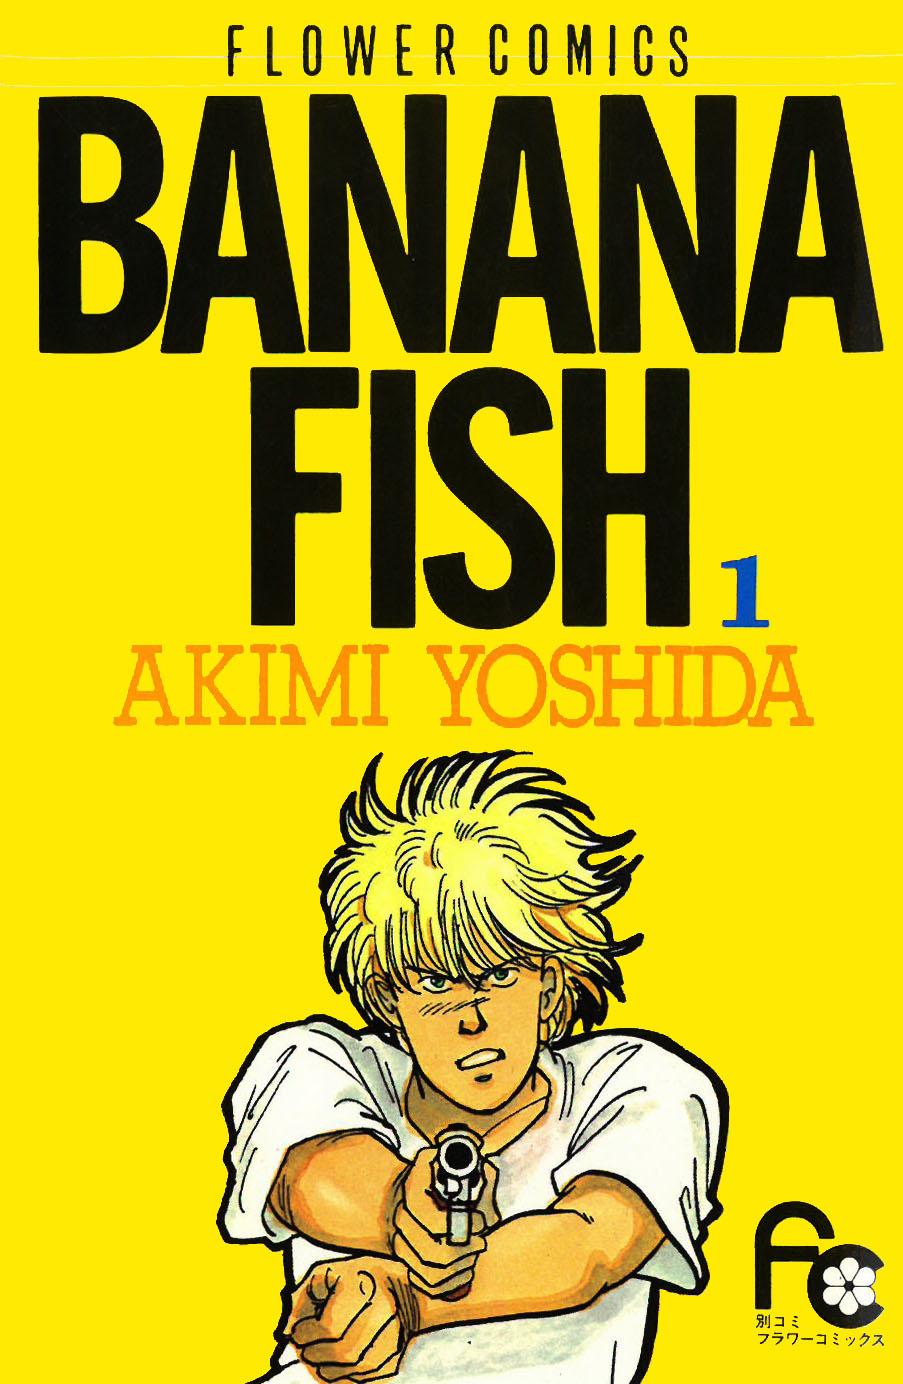 bananafish01